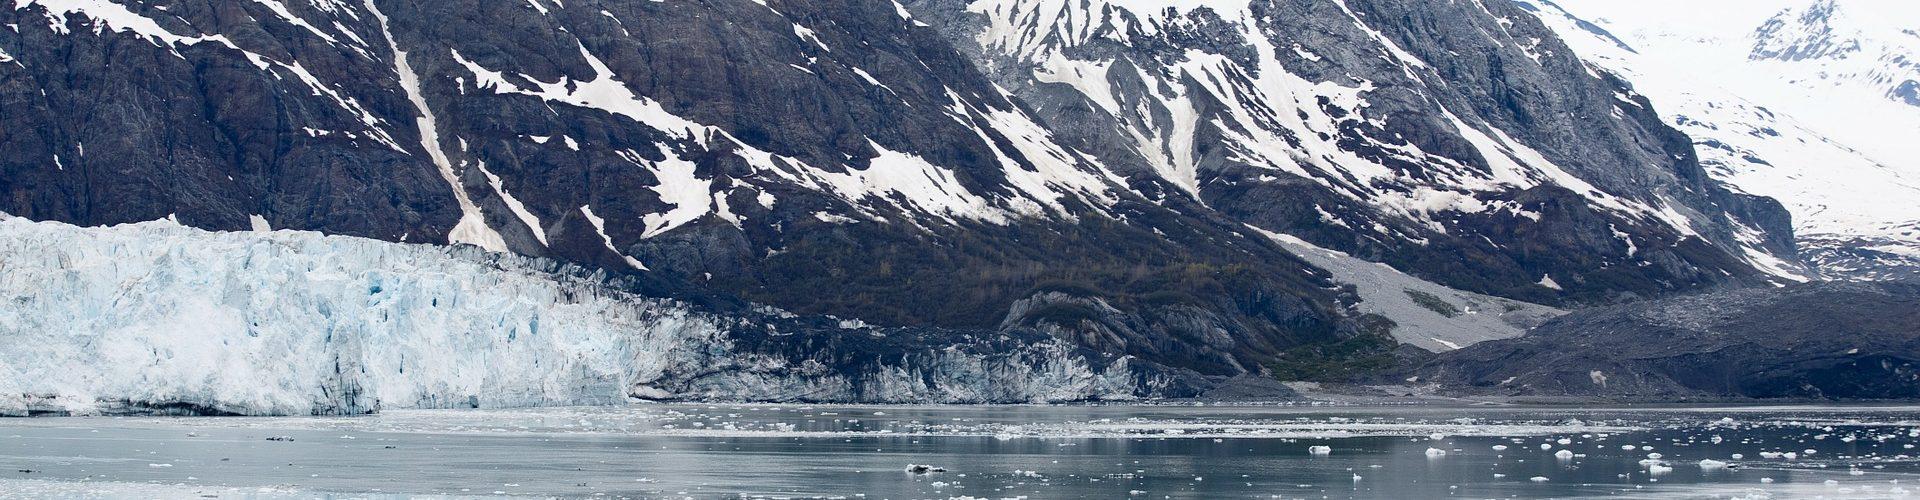 קרוז כשר - קרחונים באלסקה